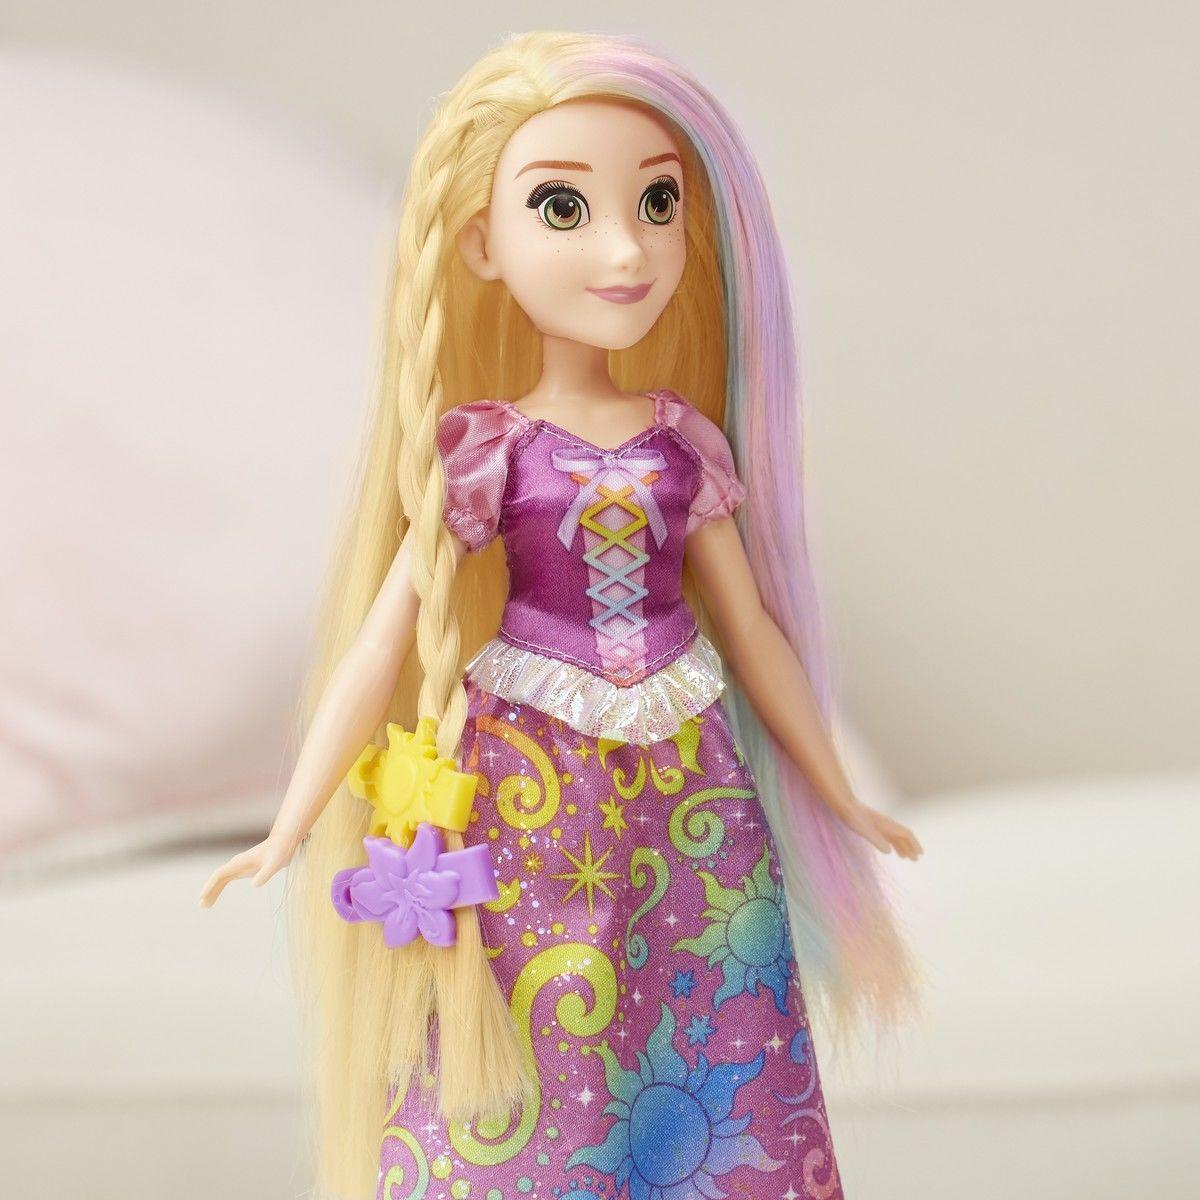 Кукла Рапунцель с Радужными волосами Disney - фото 2